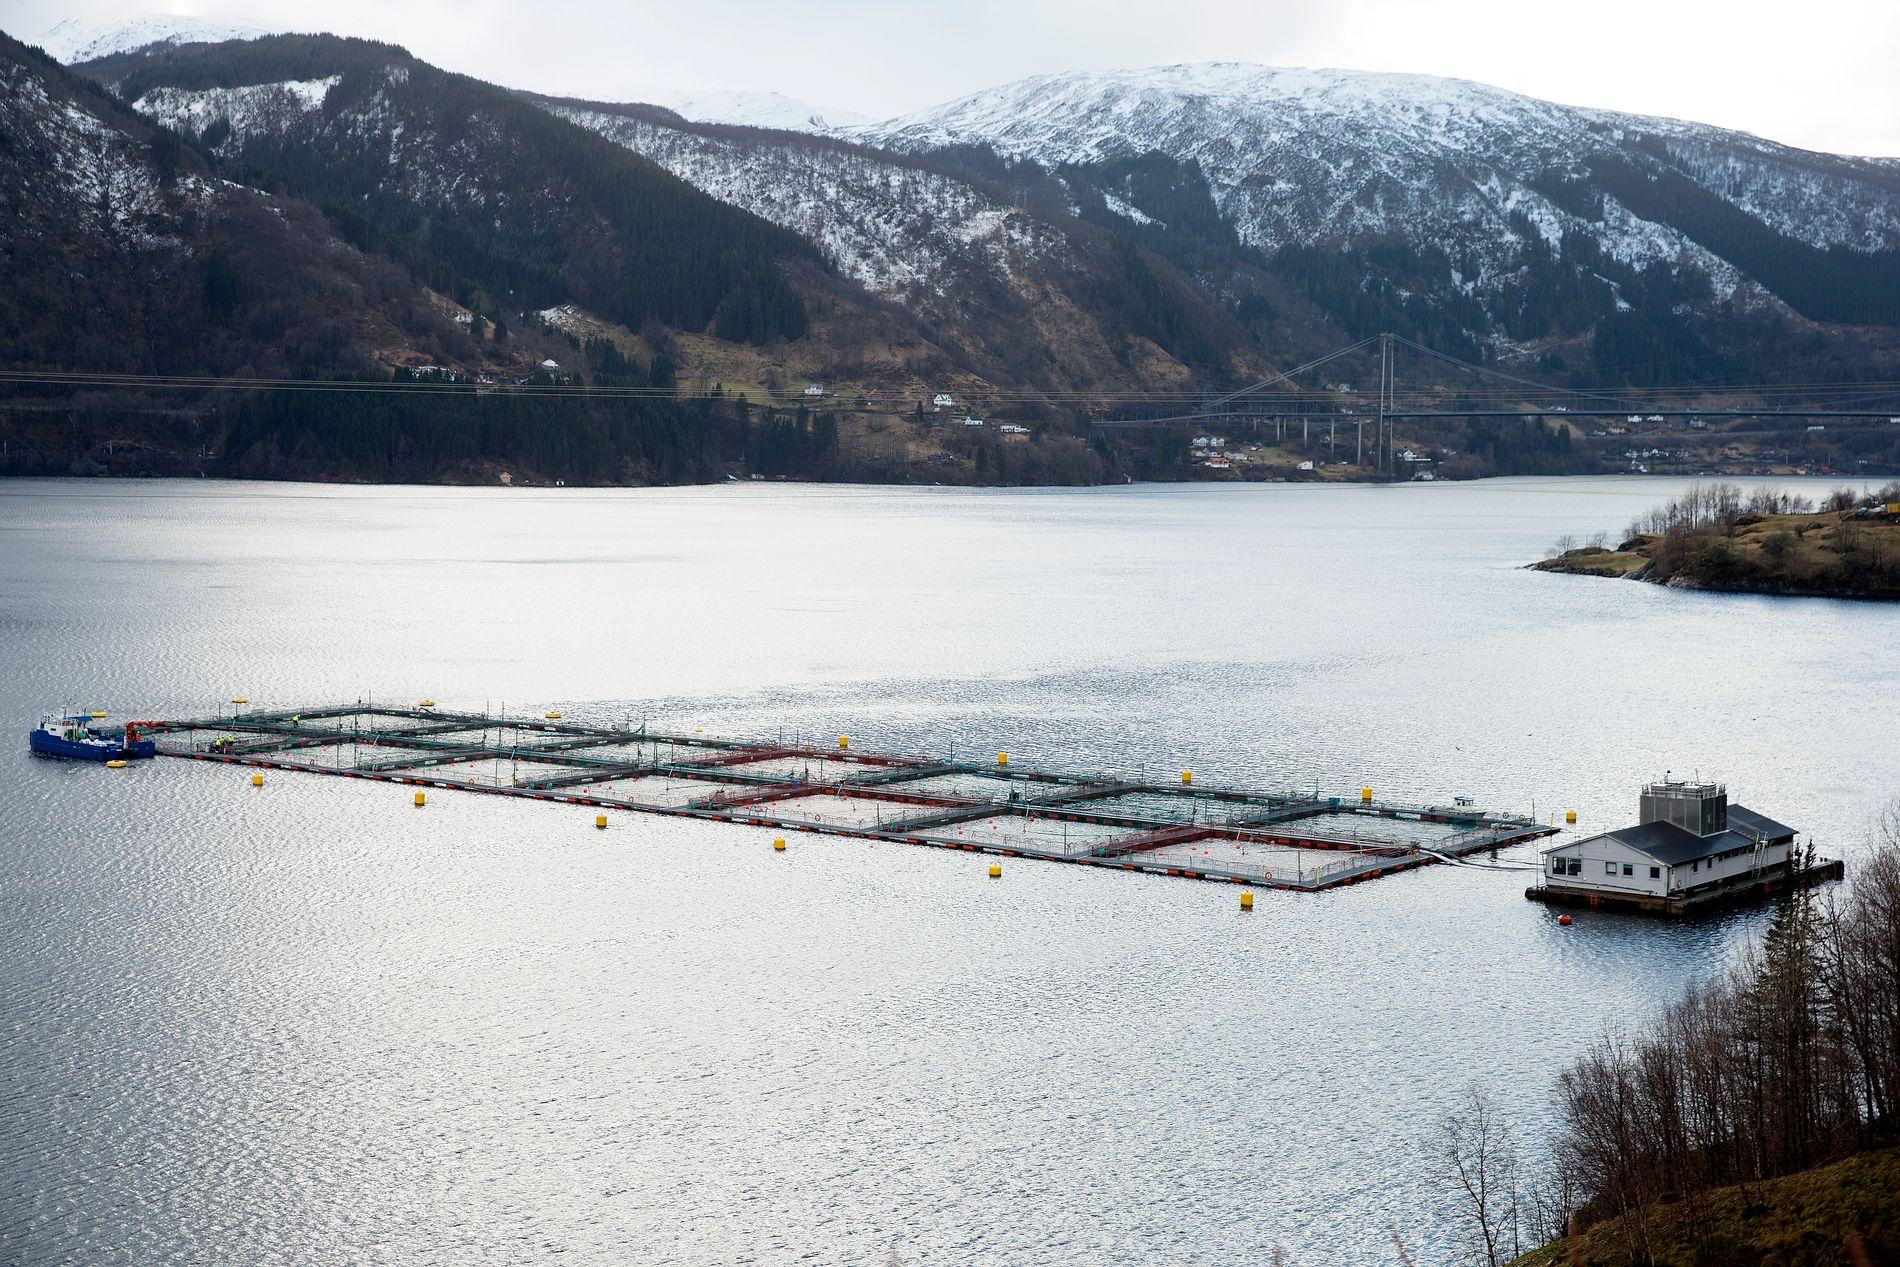 OMSTRIDT: Oppdrett, vindmøller, olje, gass, gruvedrift -  alt som kan gi oss inntekter, blir kritisert, ifølge Tom-Christer Nilsen. På bildet ser vi et oppdrettsanlegg i Osterfjorden.